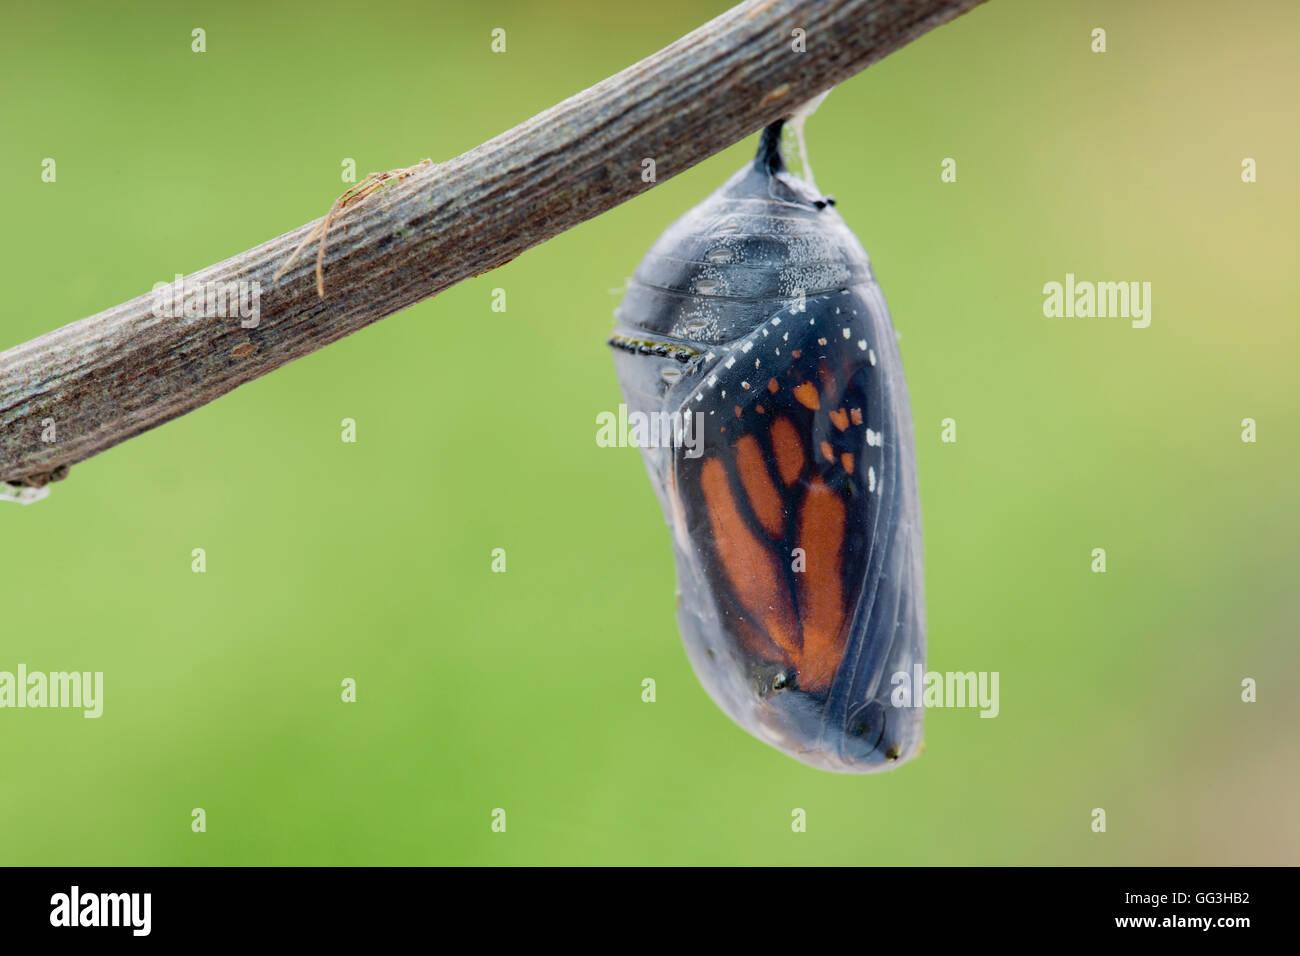 Farfalla monarca Pupa; Danaus plexippus REGNO UNITO Immagini Stock